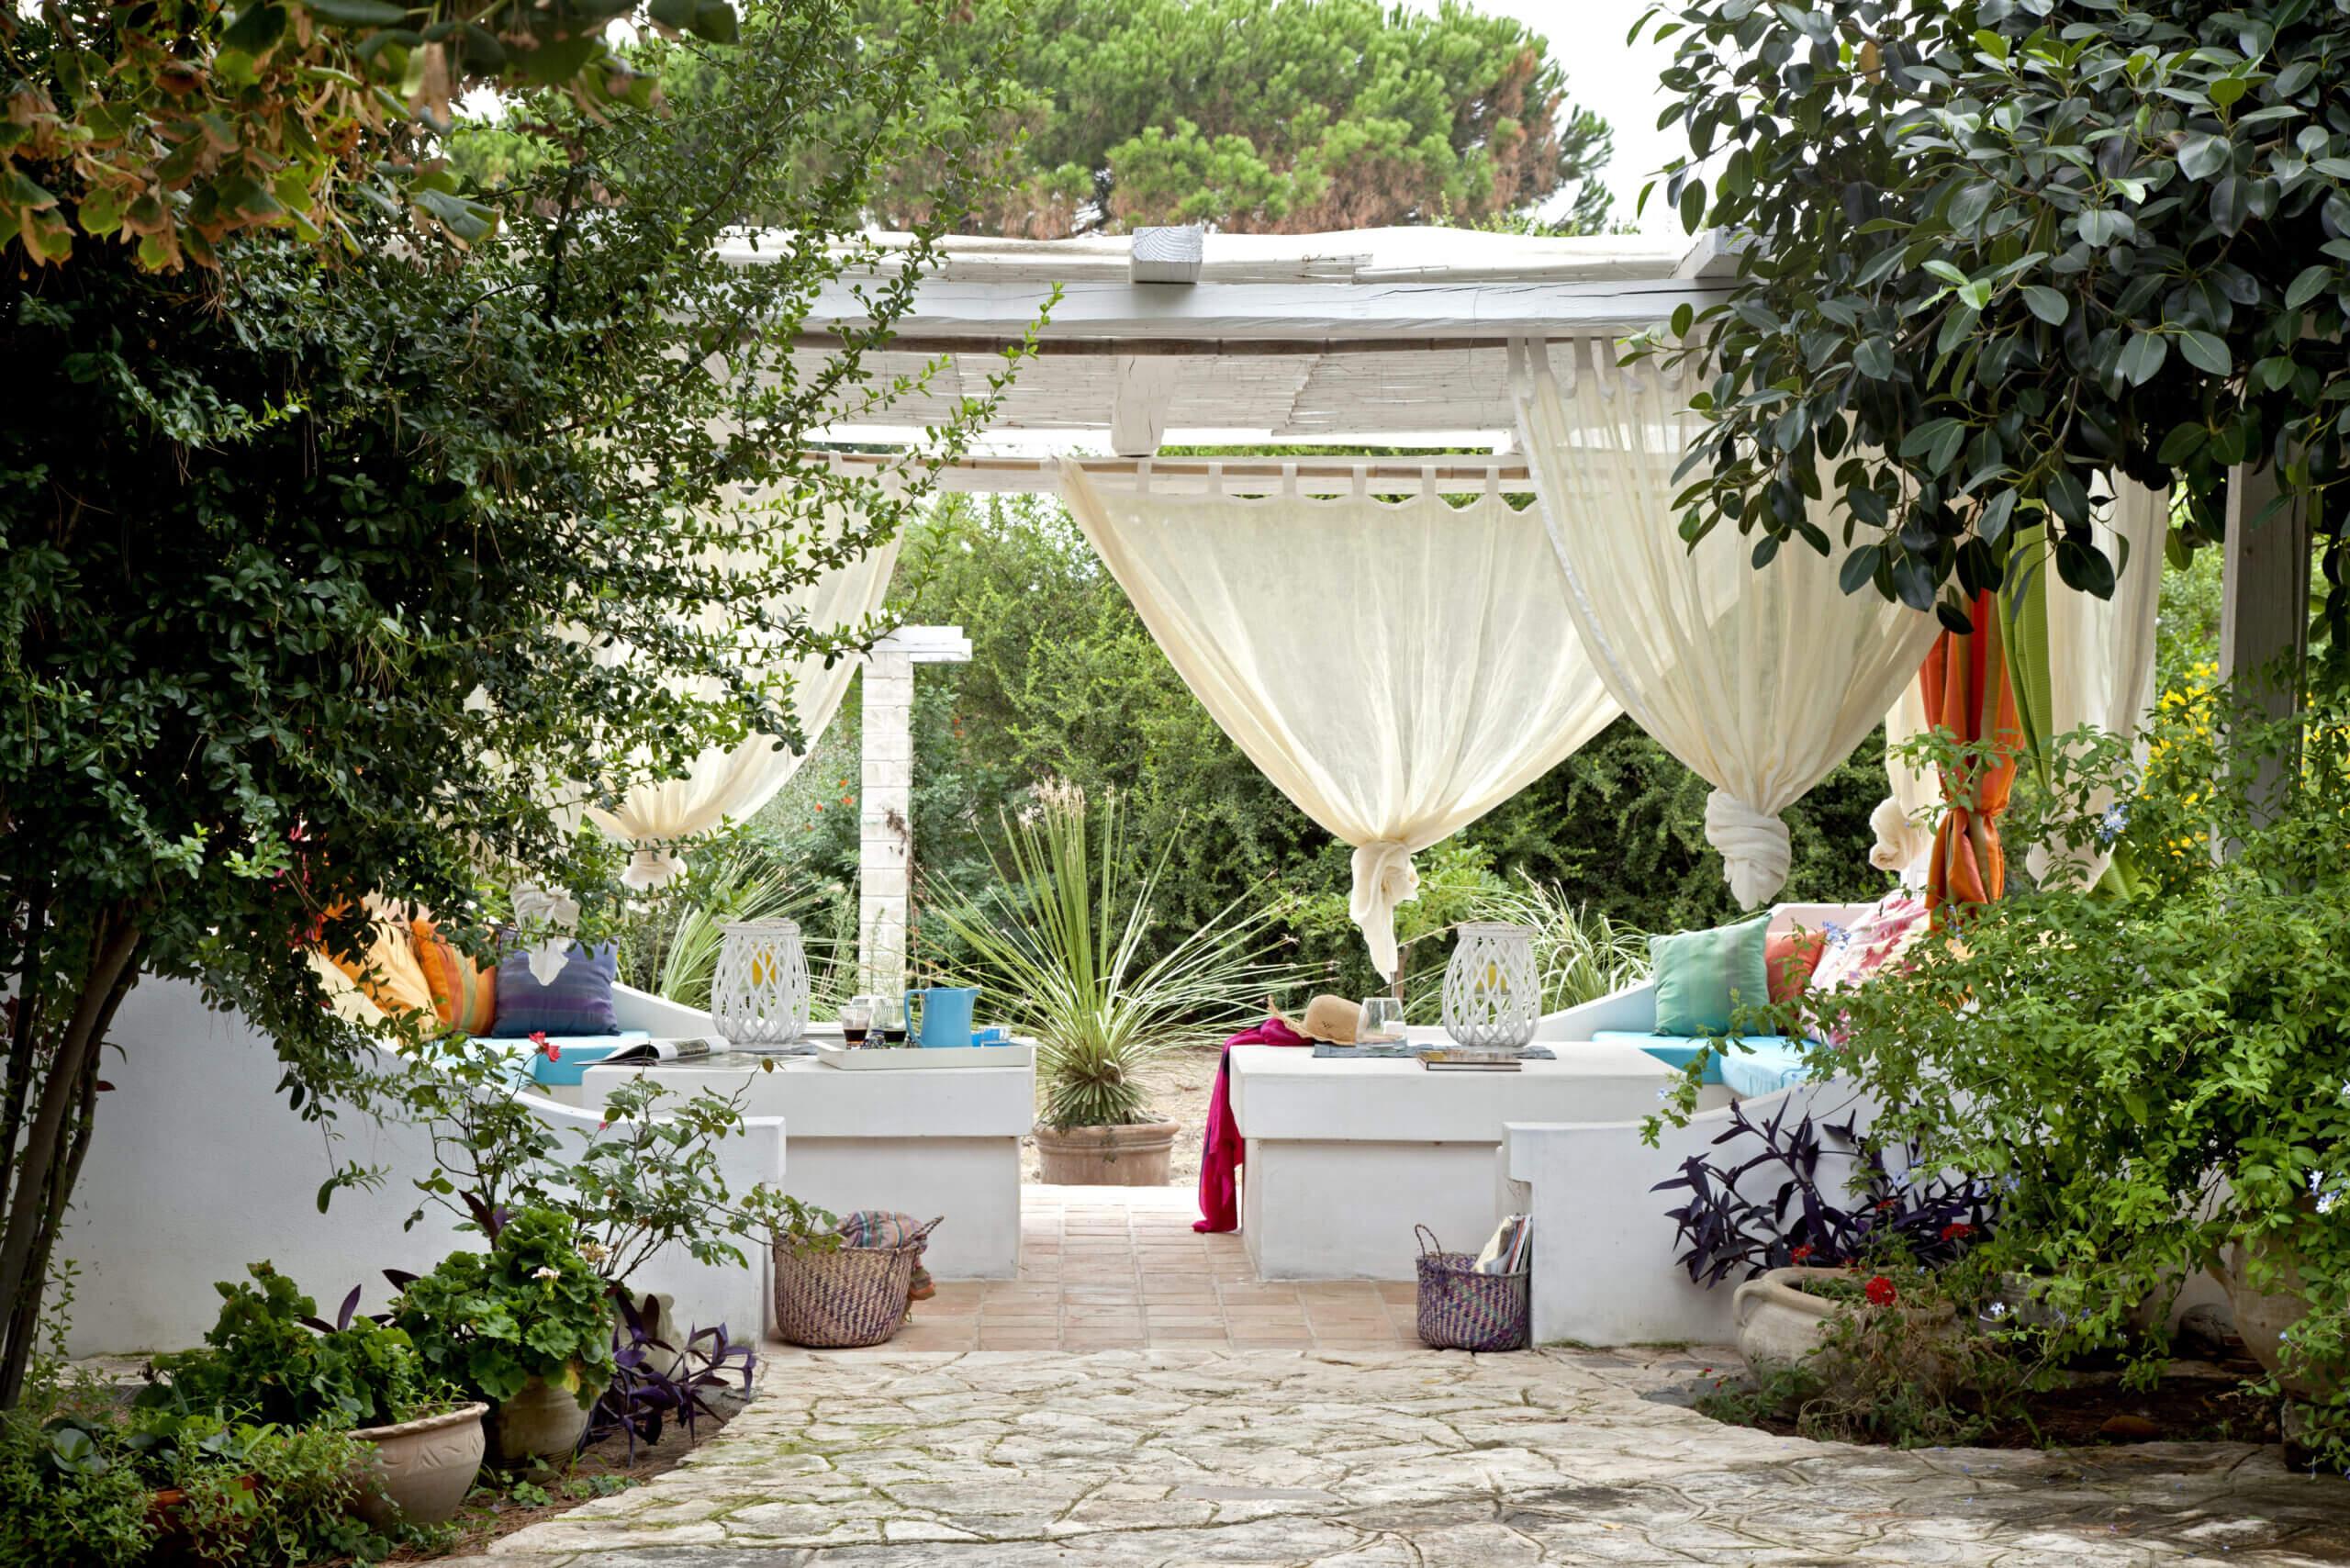 ©moreideas / Adobe Stock: Eine Pavillon Einrichtung wie aus 1001 Nacht - Gemütliche Lounge-Sofas wurden hier um passende Tische ergänzt.